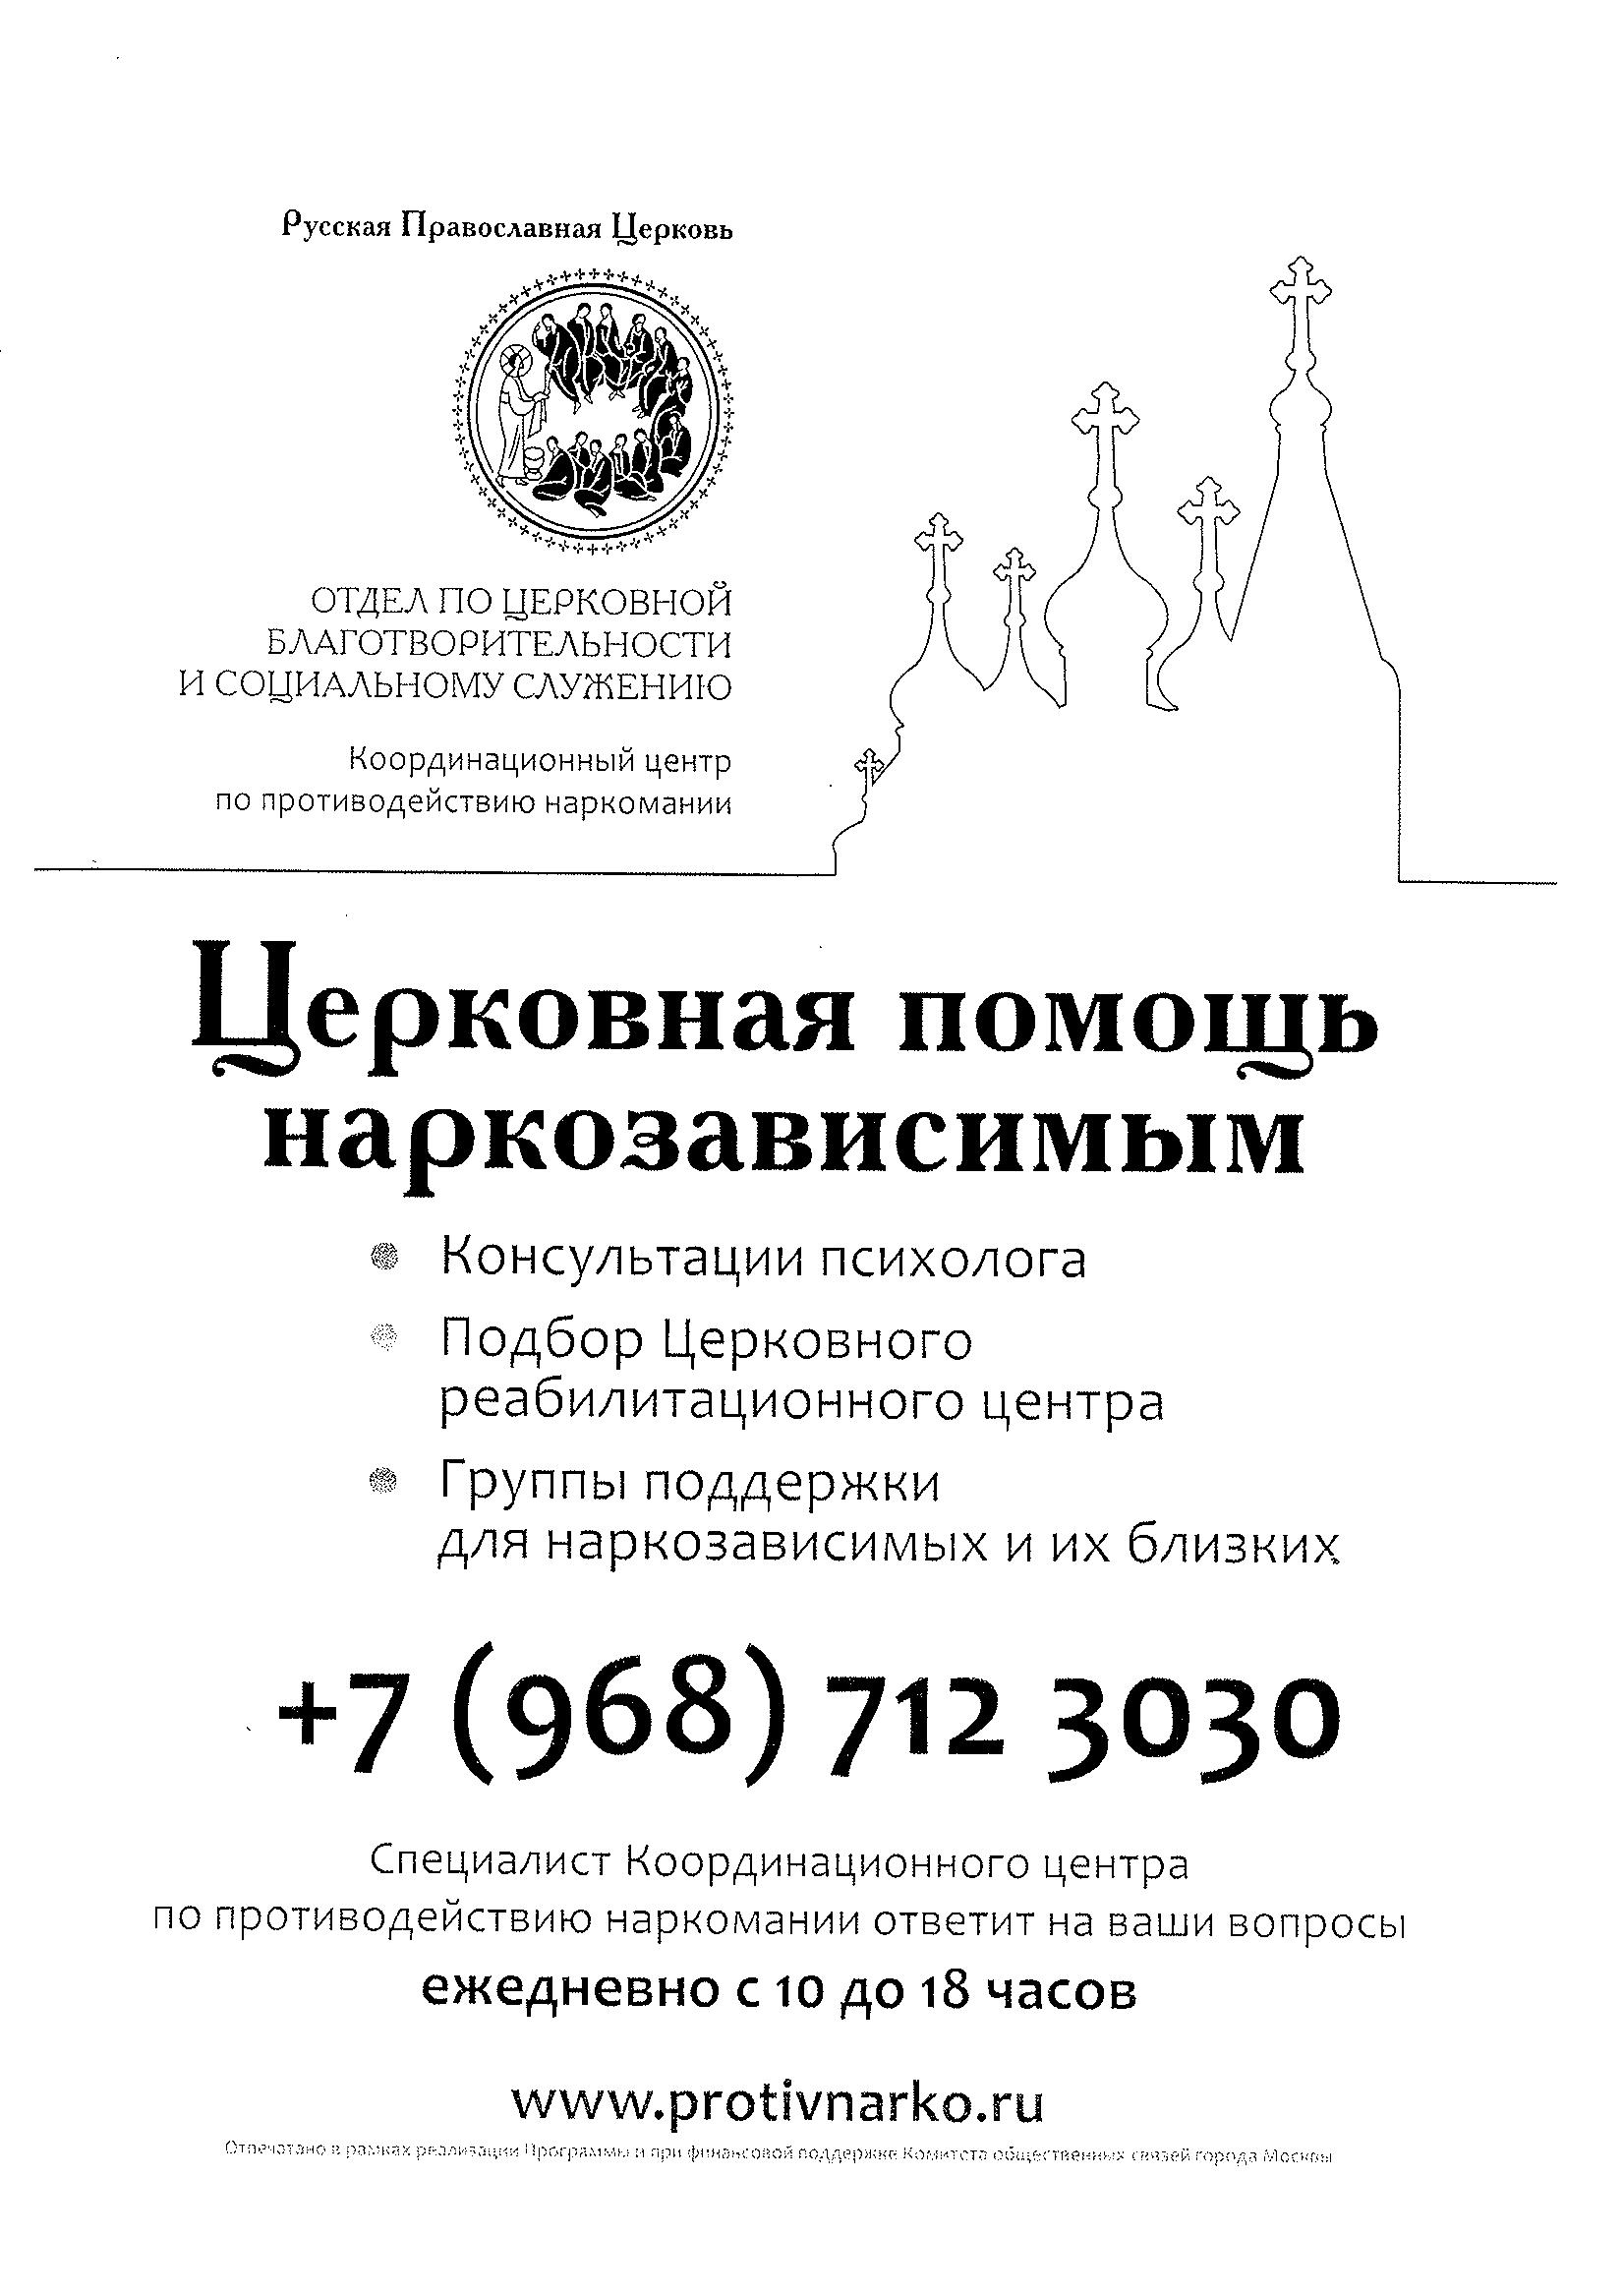 cerkovnaya-pomoshh-narkozavisimym